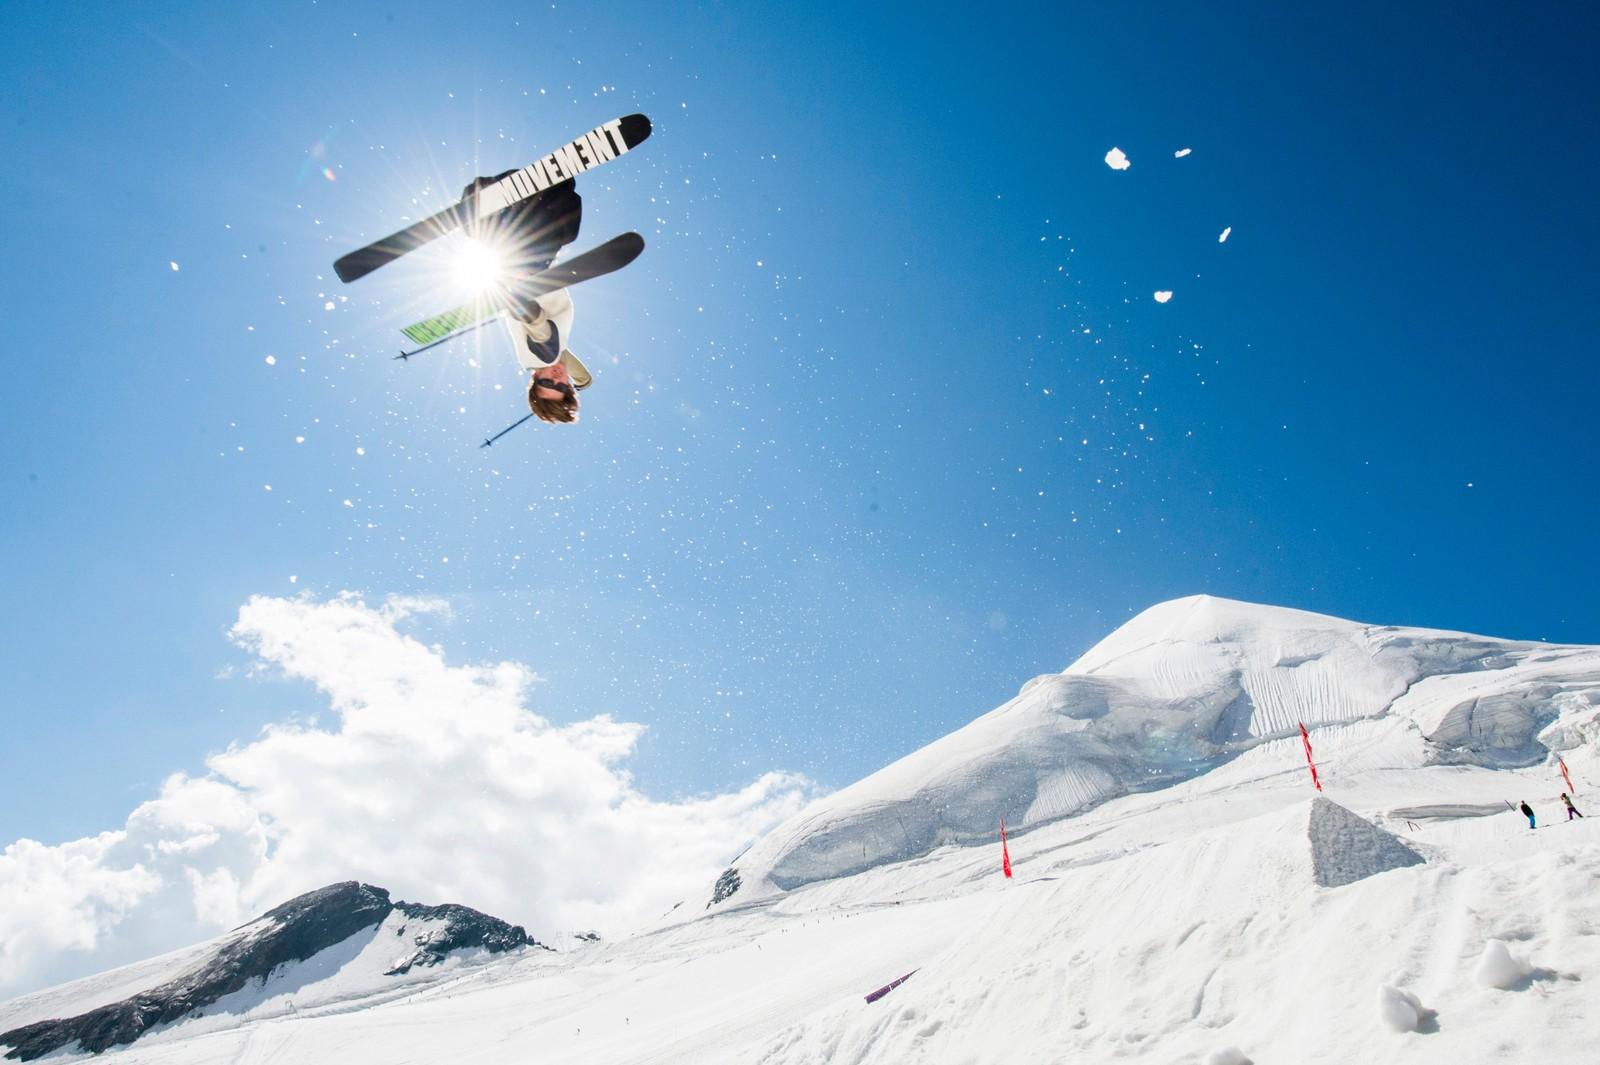 Mens deler av Sveits har vært rammet av en hetebølge denne uken, har denne karen kost seg i finværet i freestyle-parken på breen Feegletscher i Sveits.